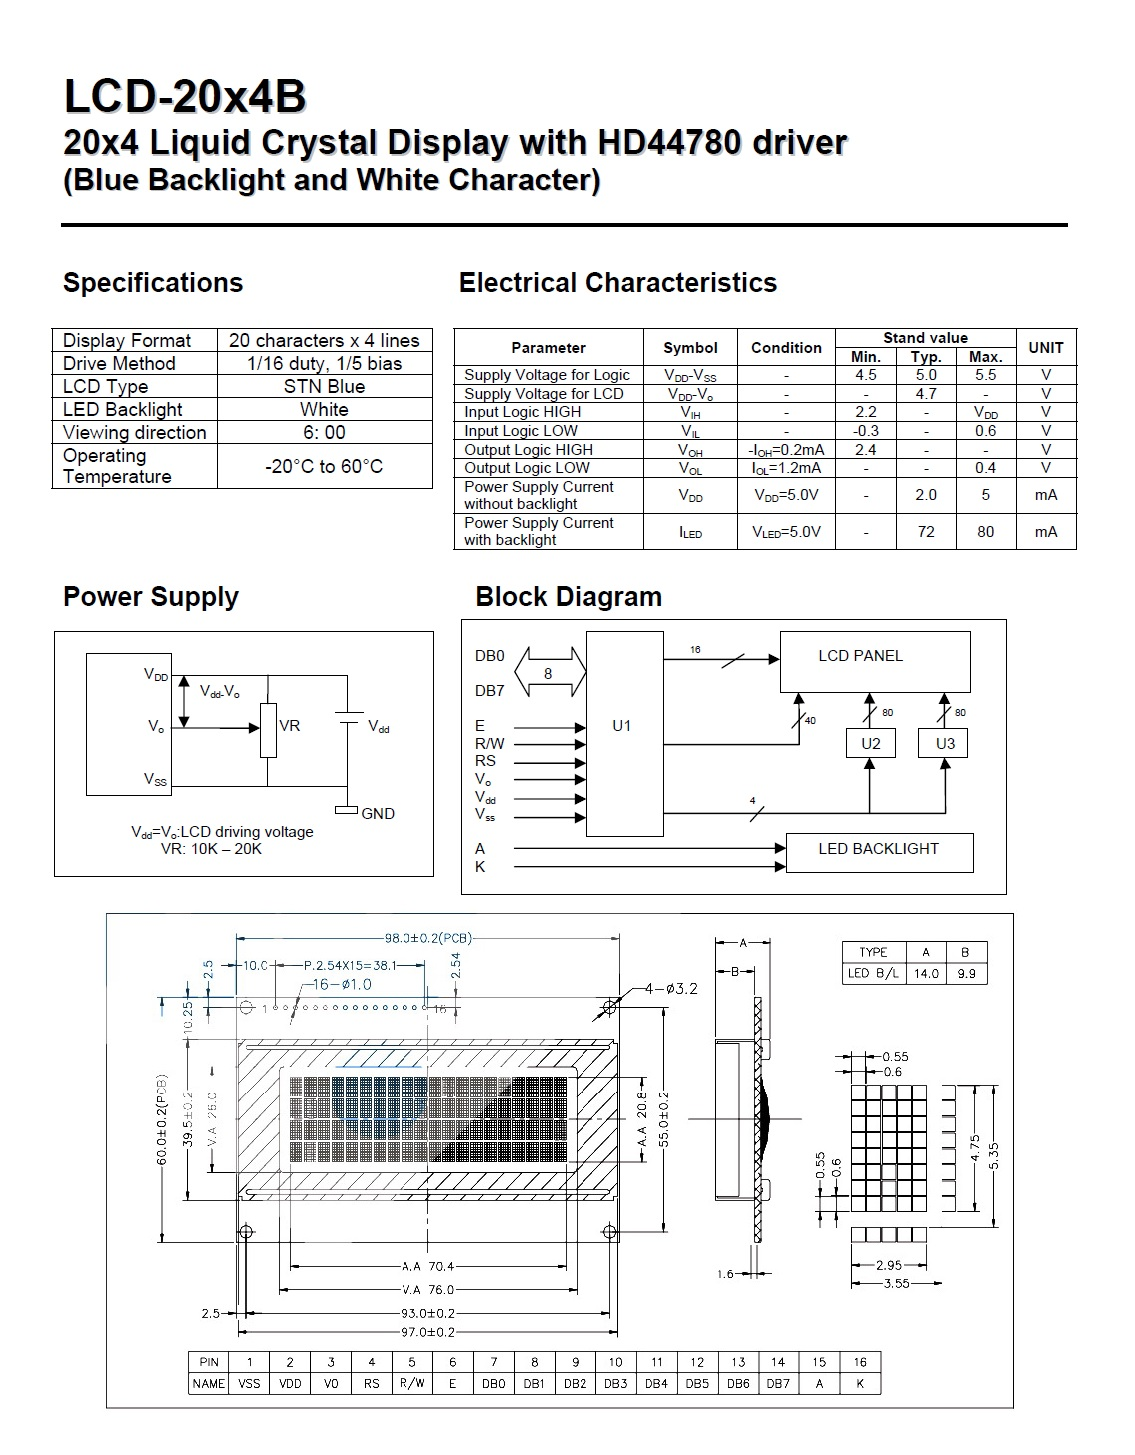 LCD-20x4b